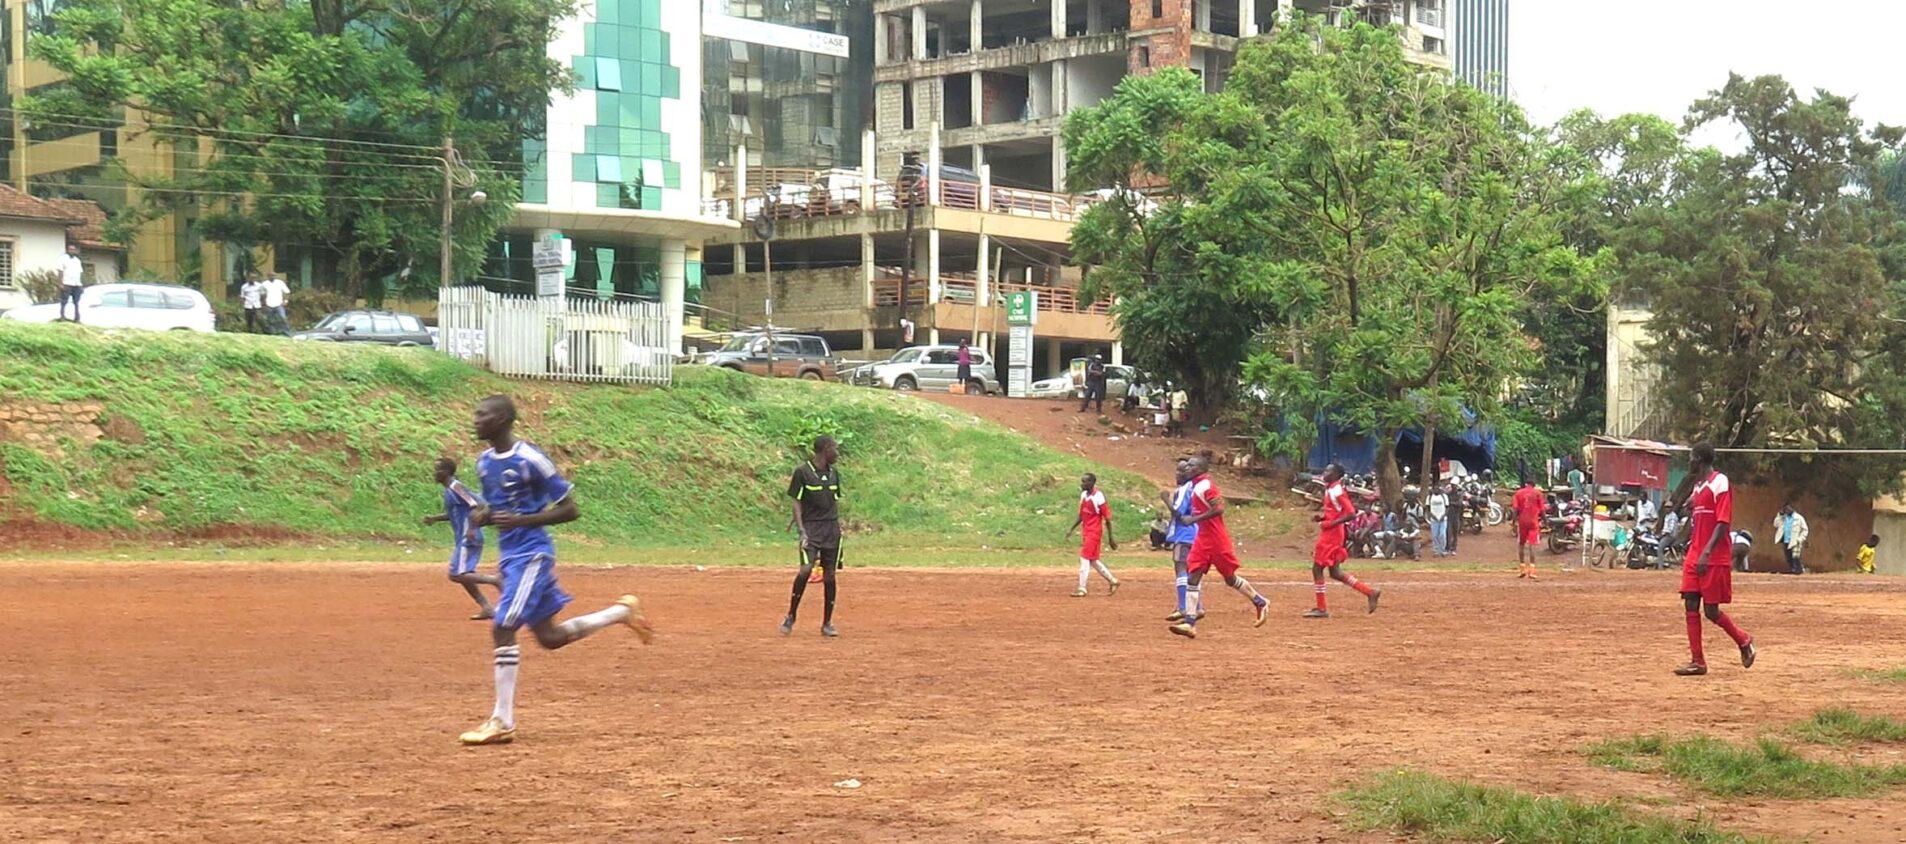 Ungdomar spelar fotboll på en stor grusplan. Höga hus i bakgrunden.